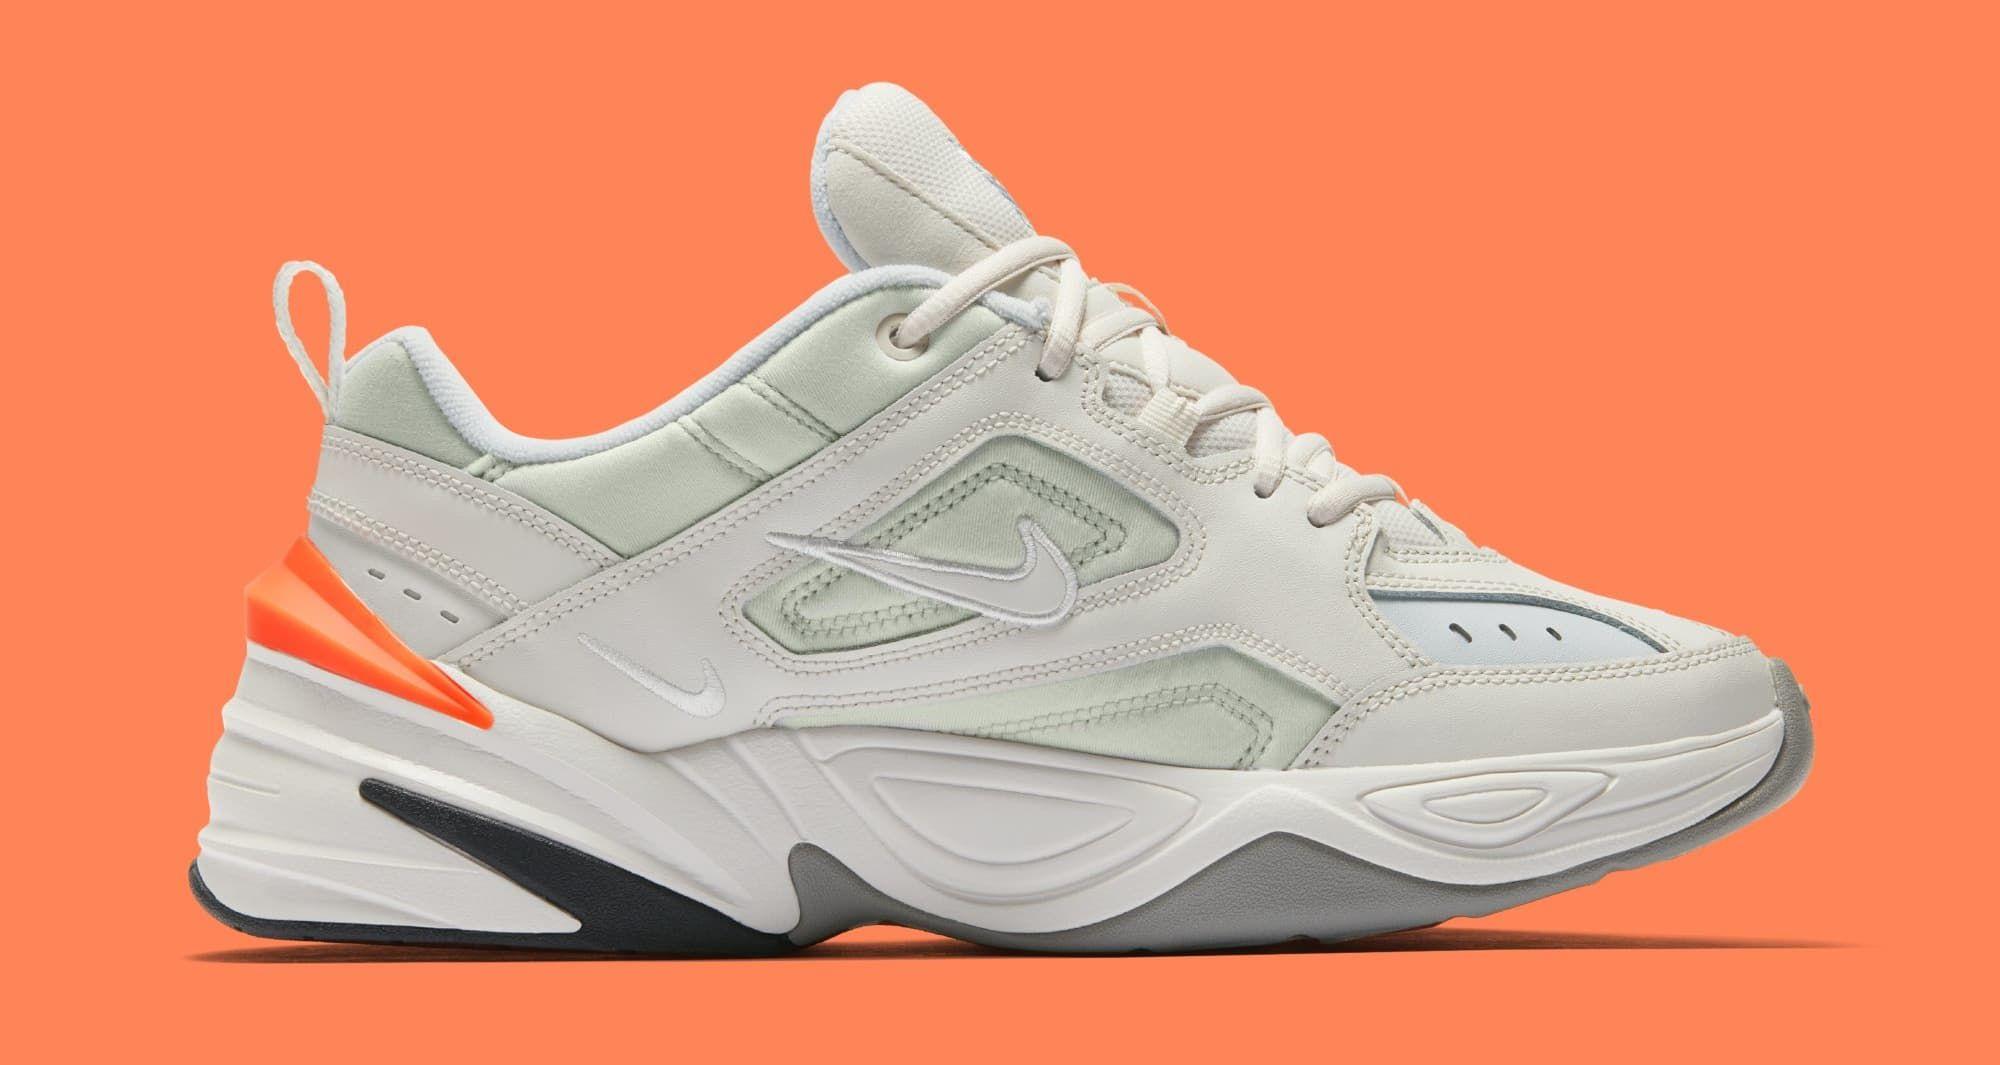 timeless design 12c55 cfdbd Nike M2K Tekno PhantomOil GreyMatte Silver AV4789 001 Release Date